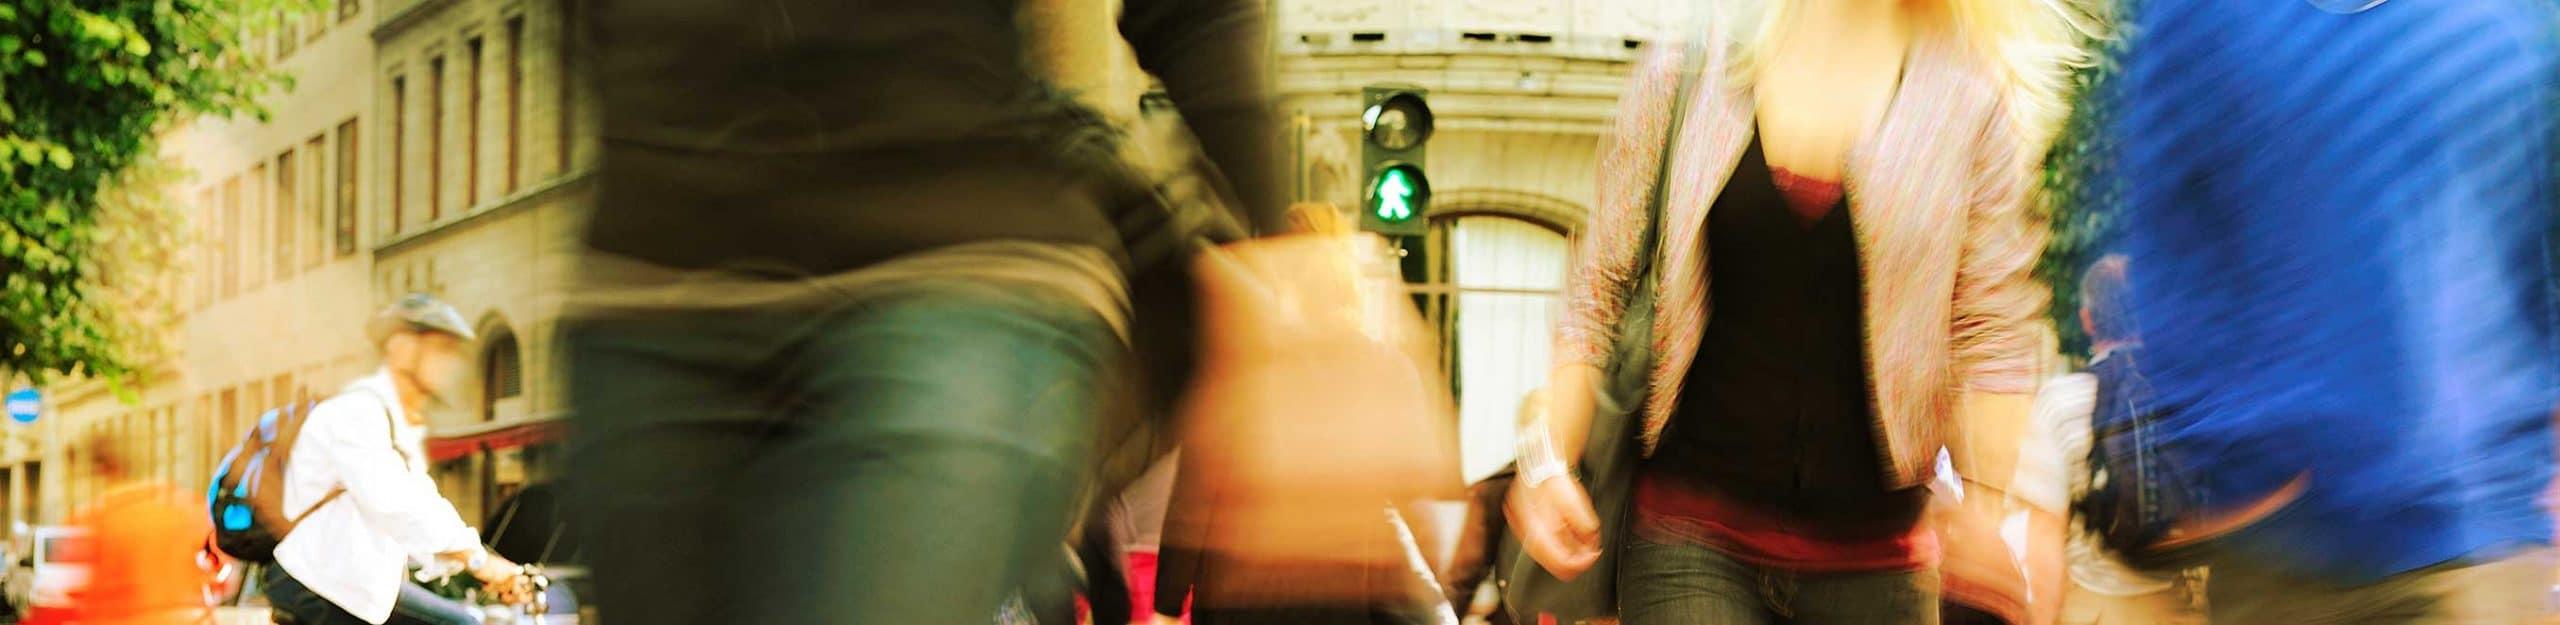 gros plan sur des personnes marchant dans la rue